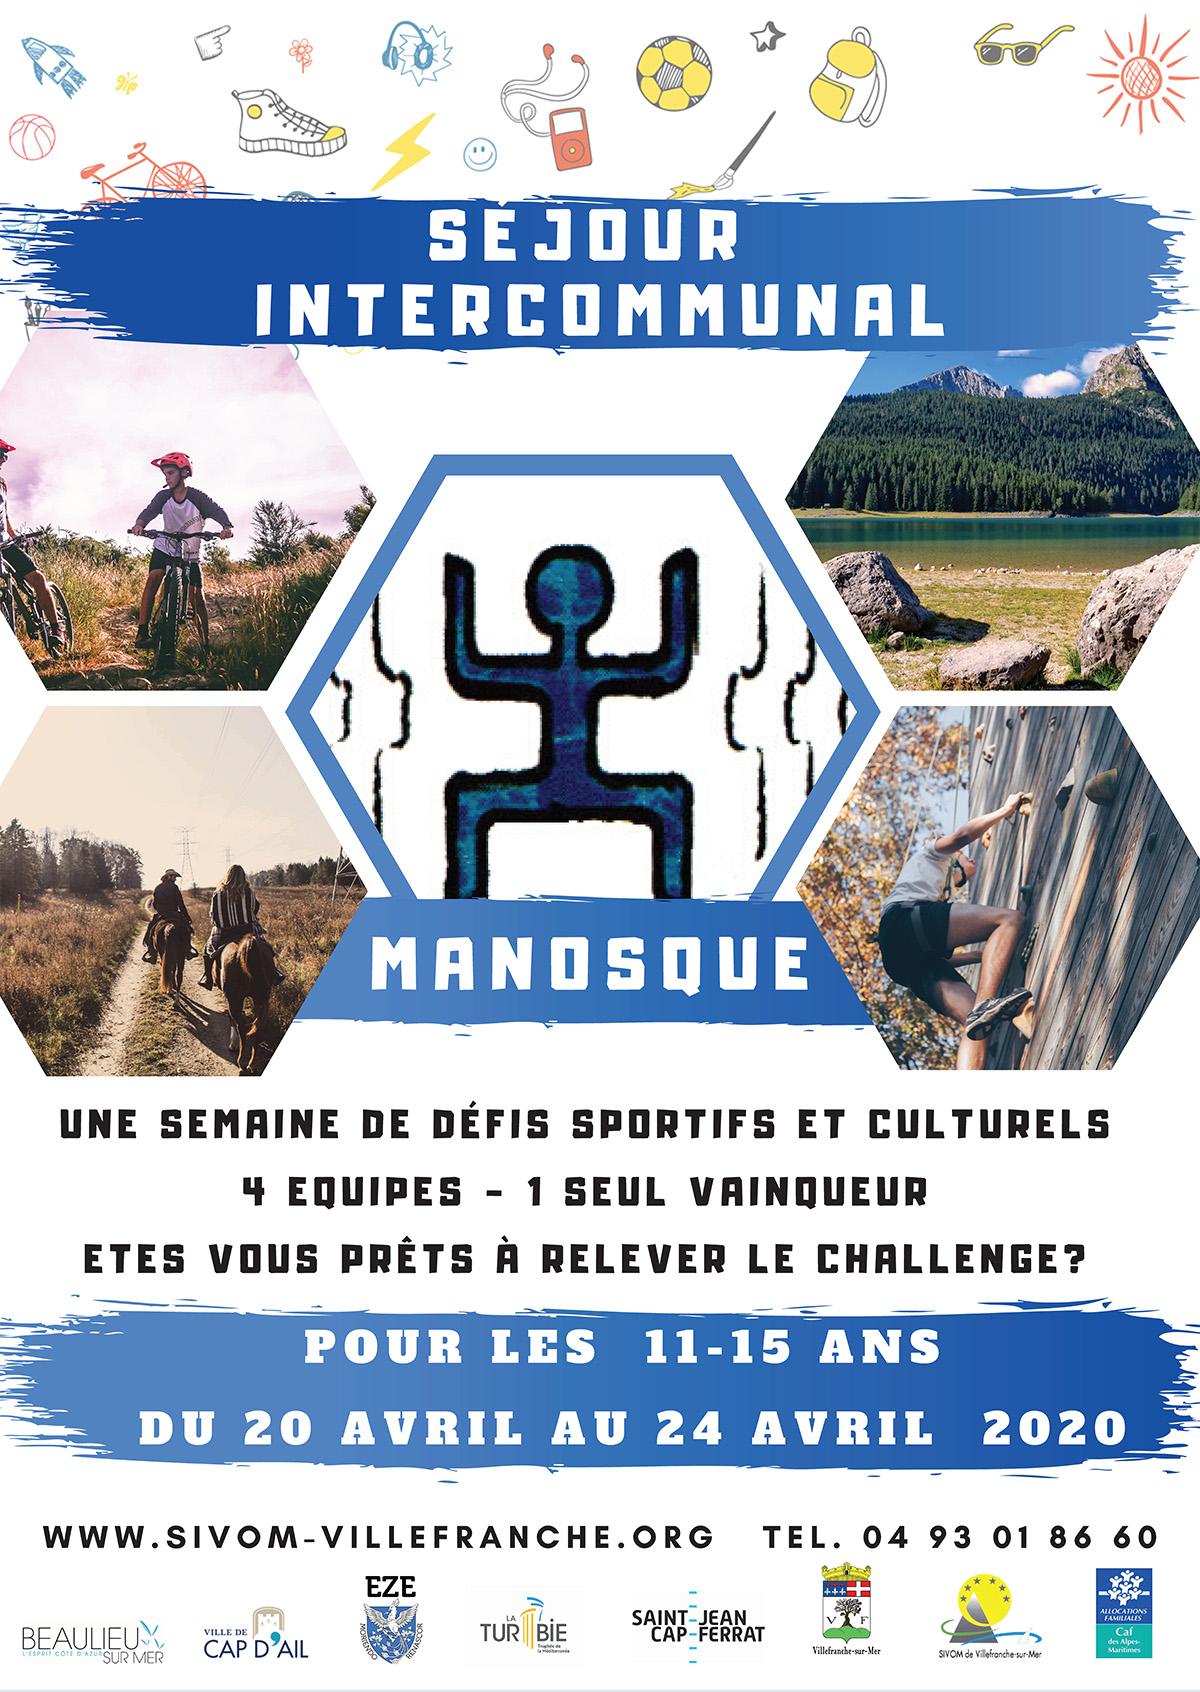 Séjour Intercommunal - Manosque pour les 11-15 ans